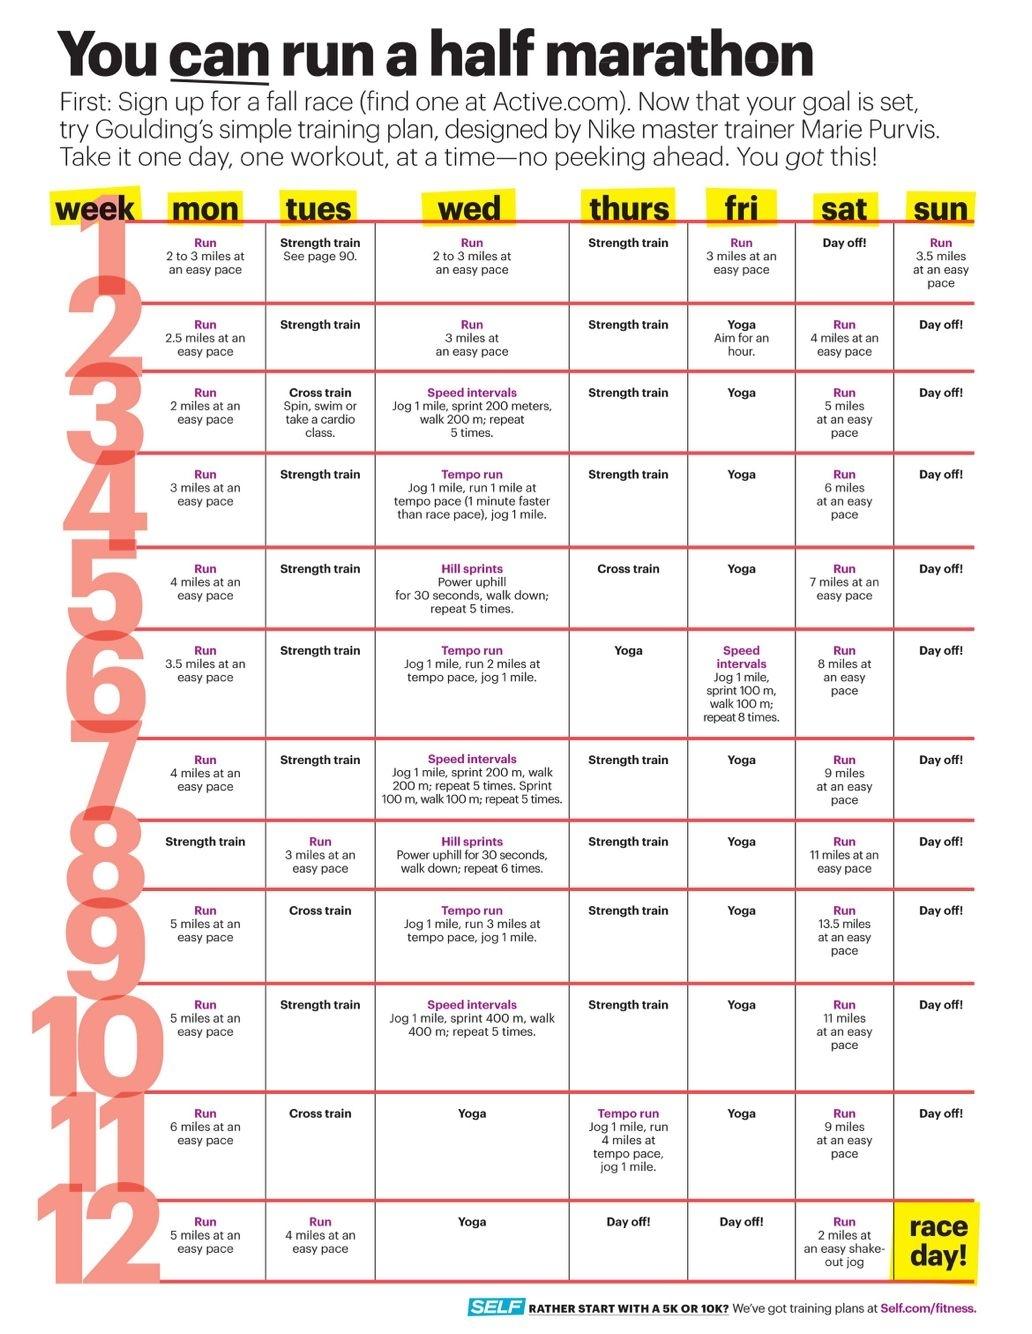 Ellie Goulding 12 Week Half Marathon Training Guide. My Favorite in 12 Week Blank Printable Calendar For Running